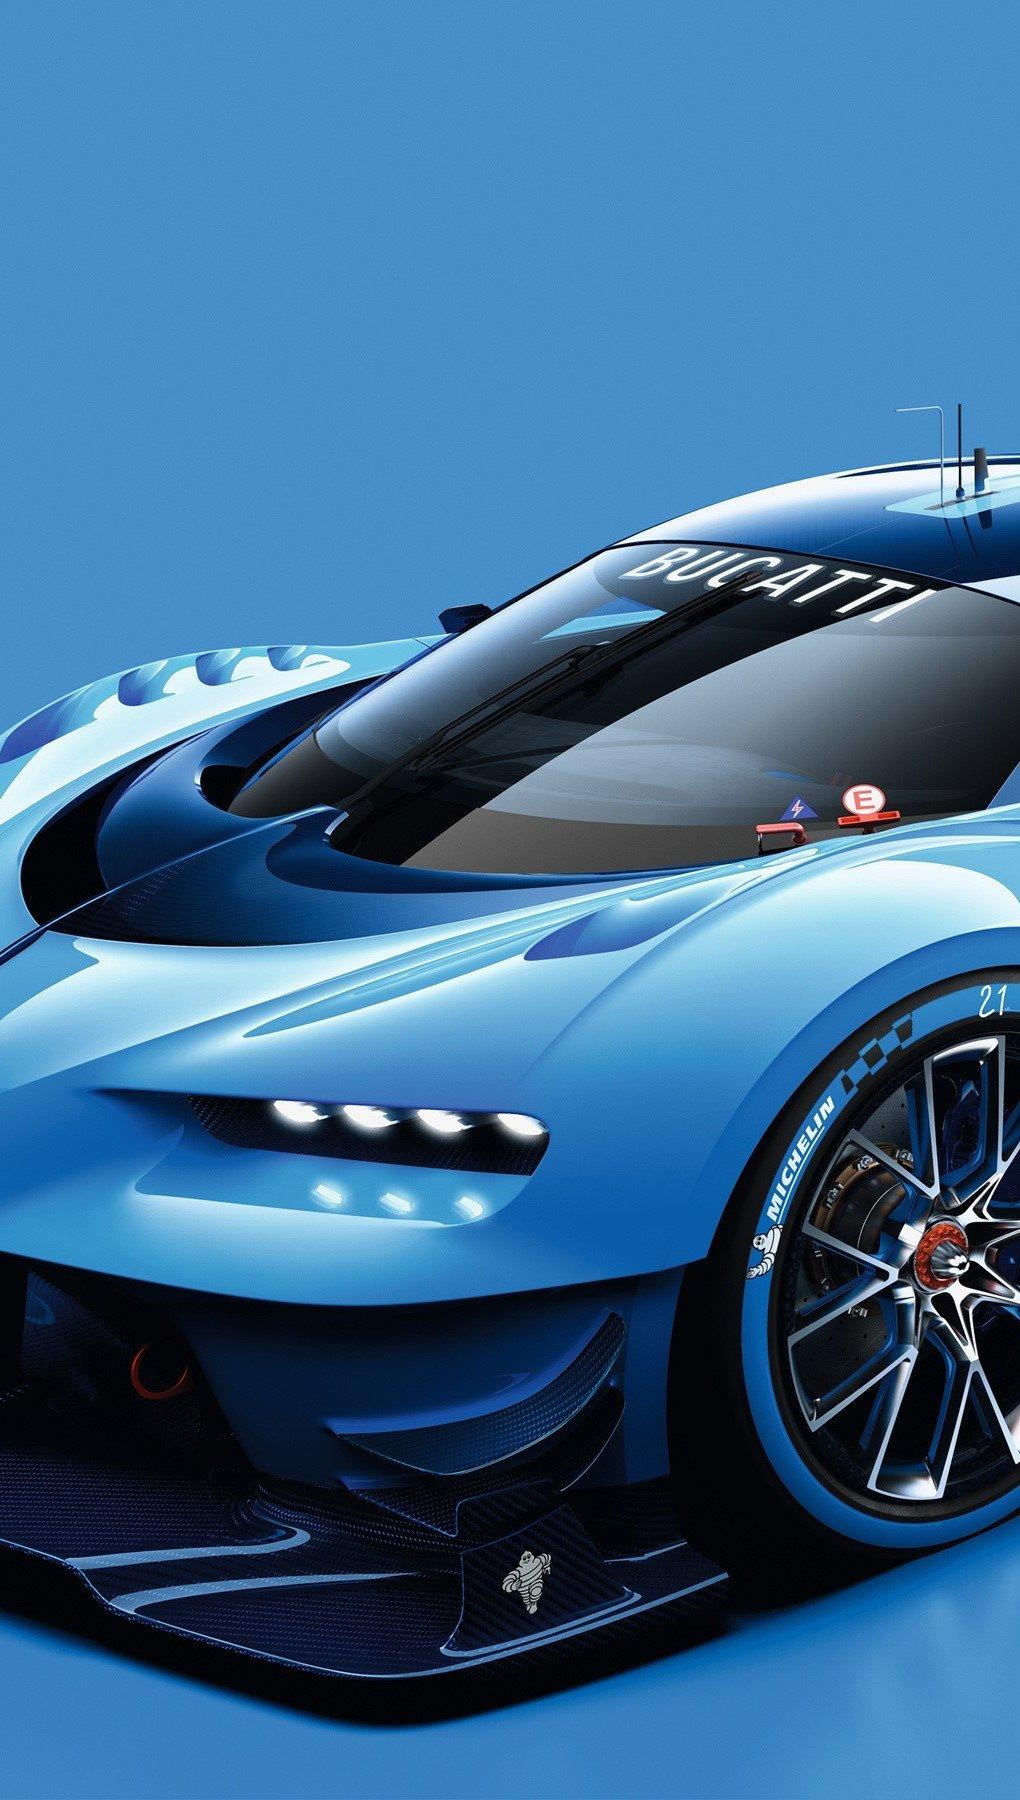 Wallpaper Bugatti Vision in Gran Turismo Vertical